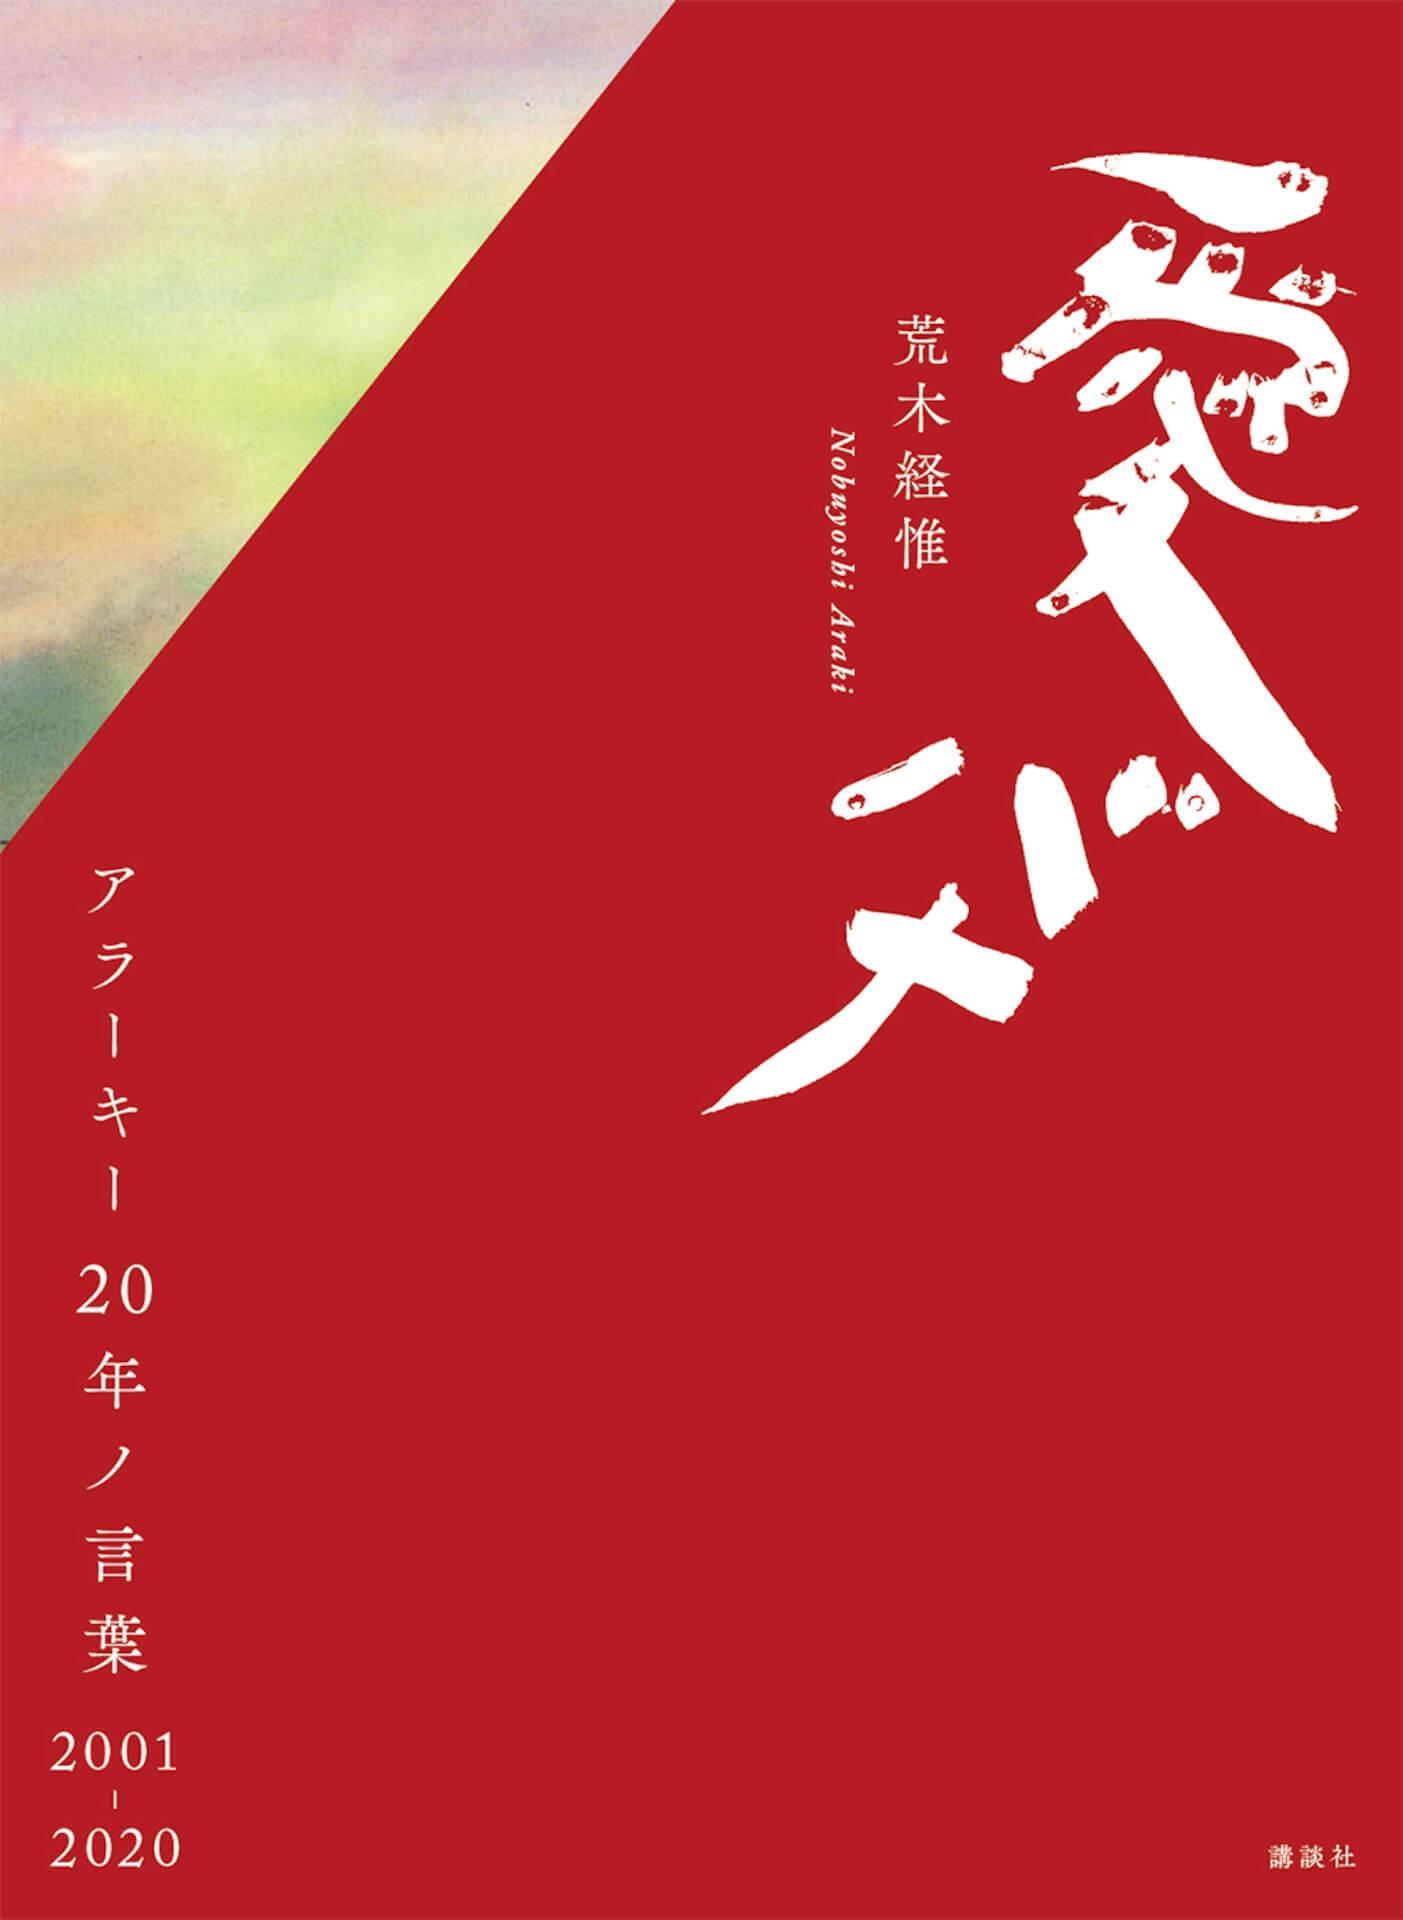 """""""アラーキー""""こと写真家・荒木経惟の20年間の名言と生涯の名作を集めた保存版「写真言集」が81歳の誕生日に発売! art210525_nobuyoshi-araki-210525_2"""